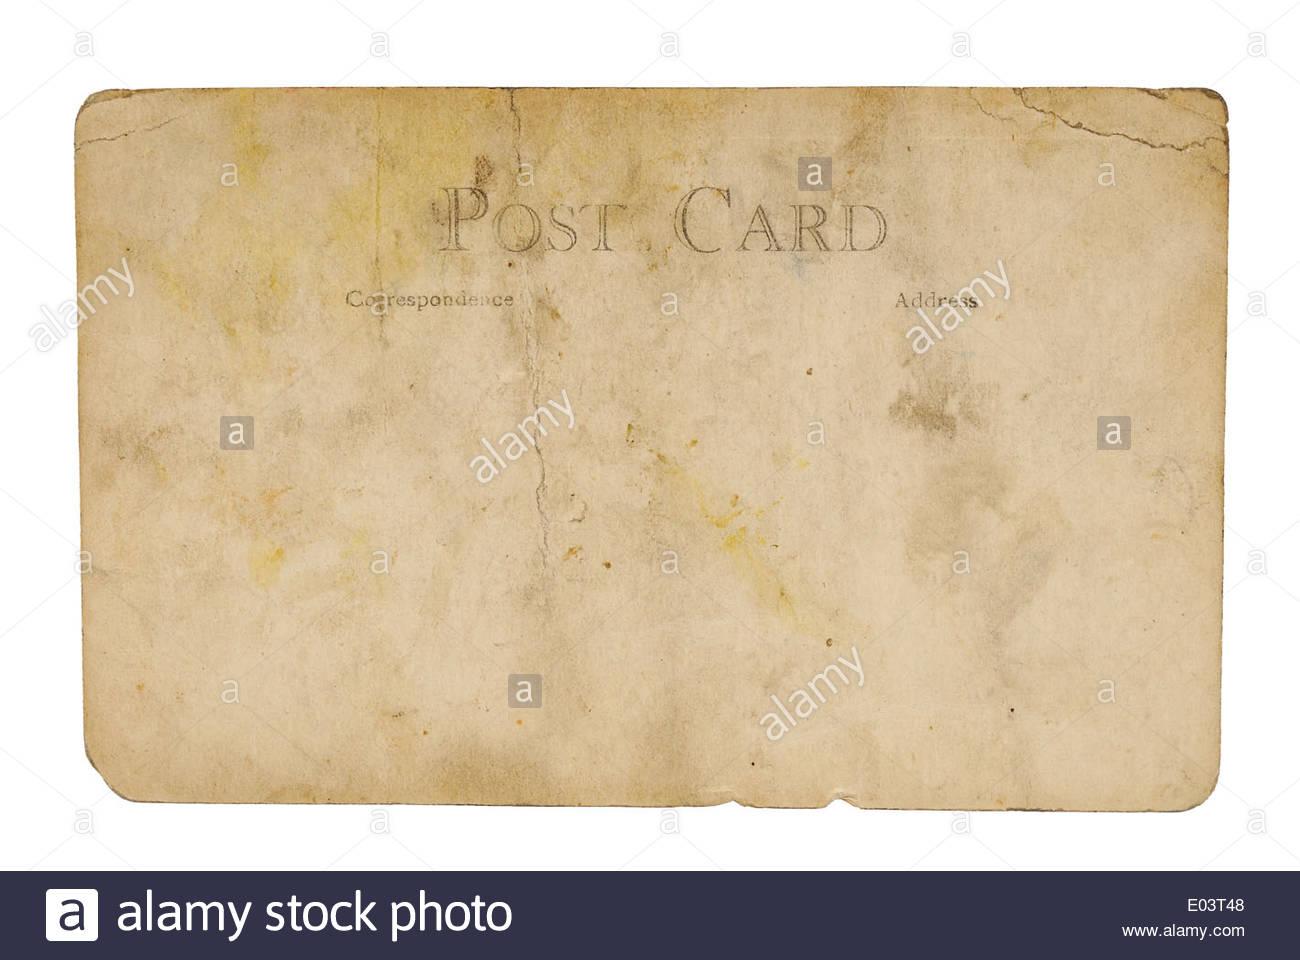 Vintage poster usé blanc sur la carte Photo Stock